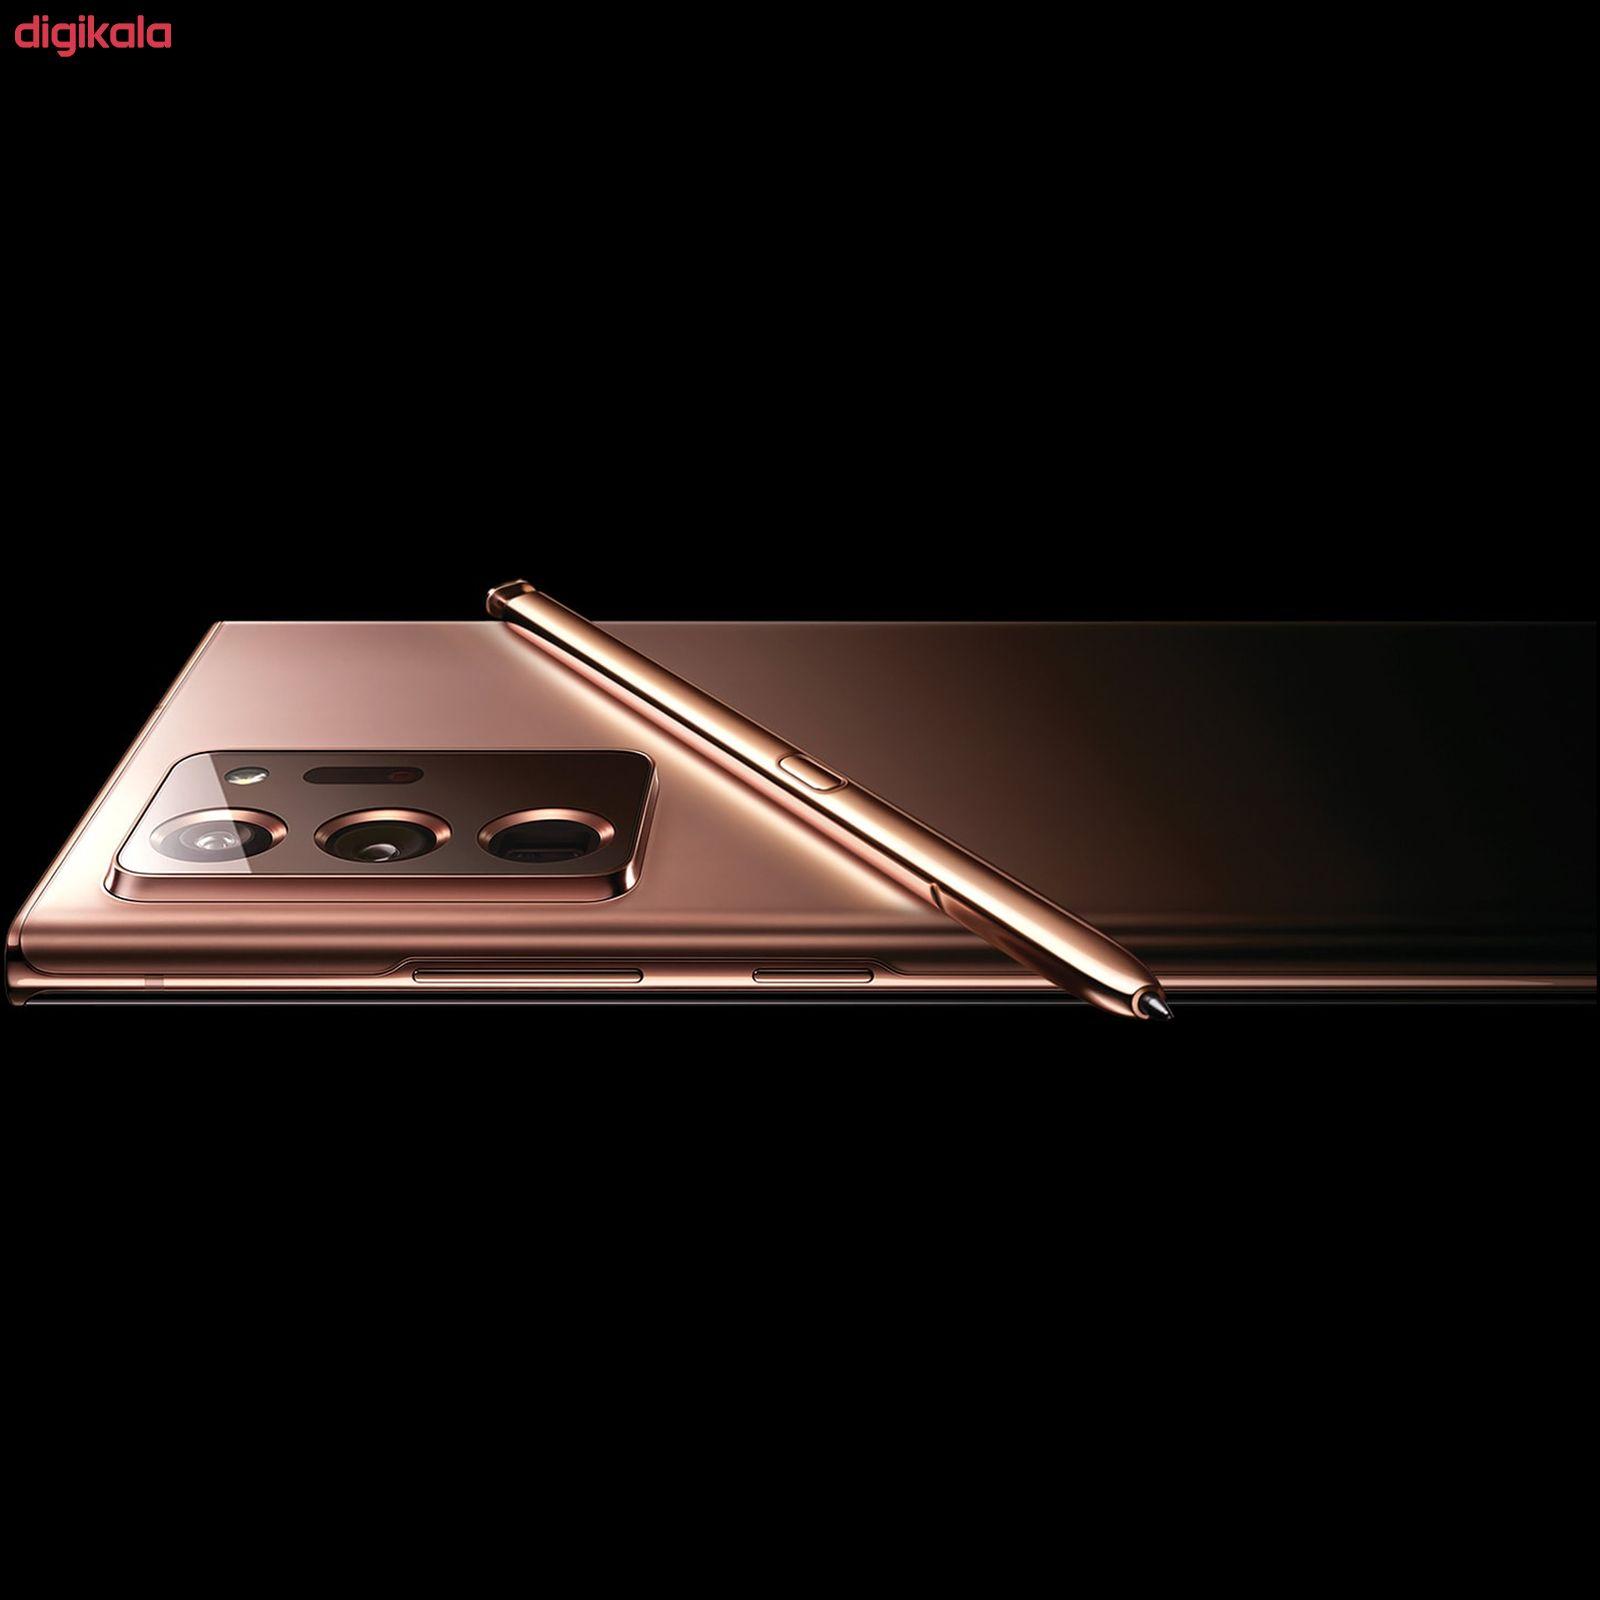 گوشی موبایل سامسونگ مدل Galaxy Note20 Ultra SM-N985F/DS دو سیم کارت ظرفیت 256 گیگابایت  main 1 16